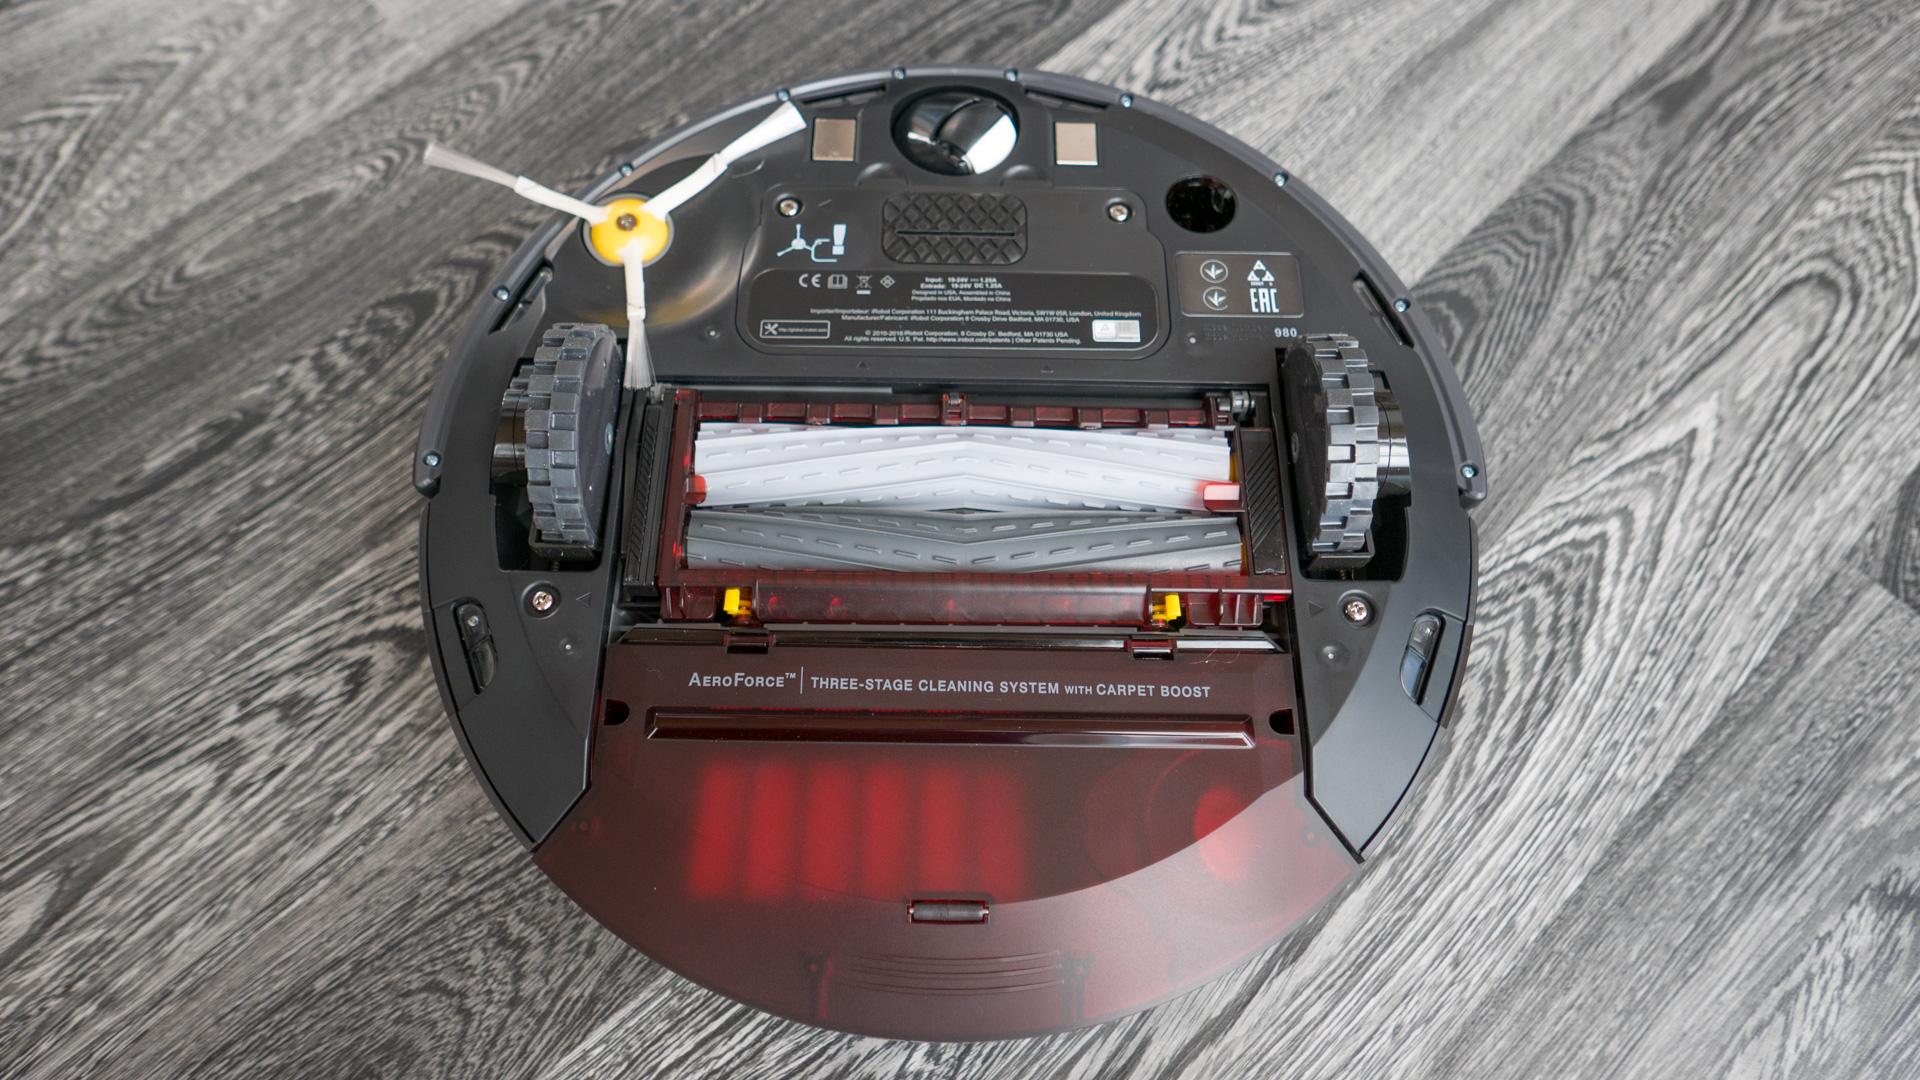 iRobot Roomba 980 Details 15